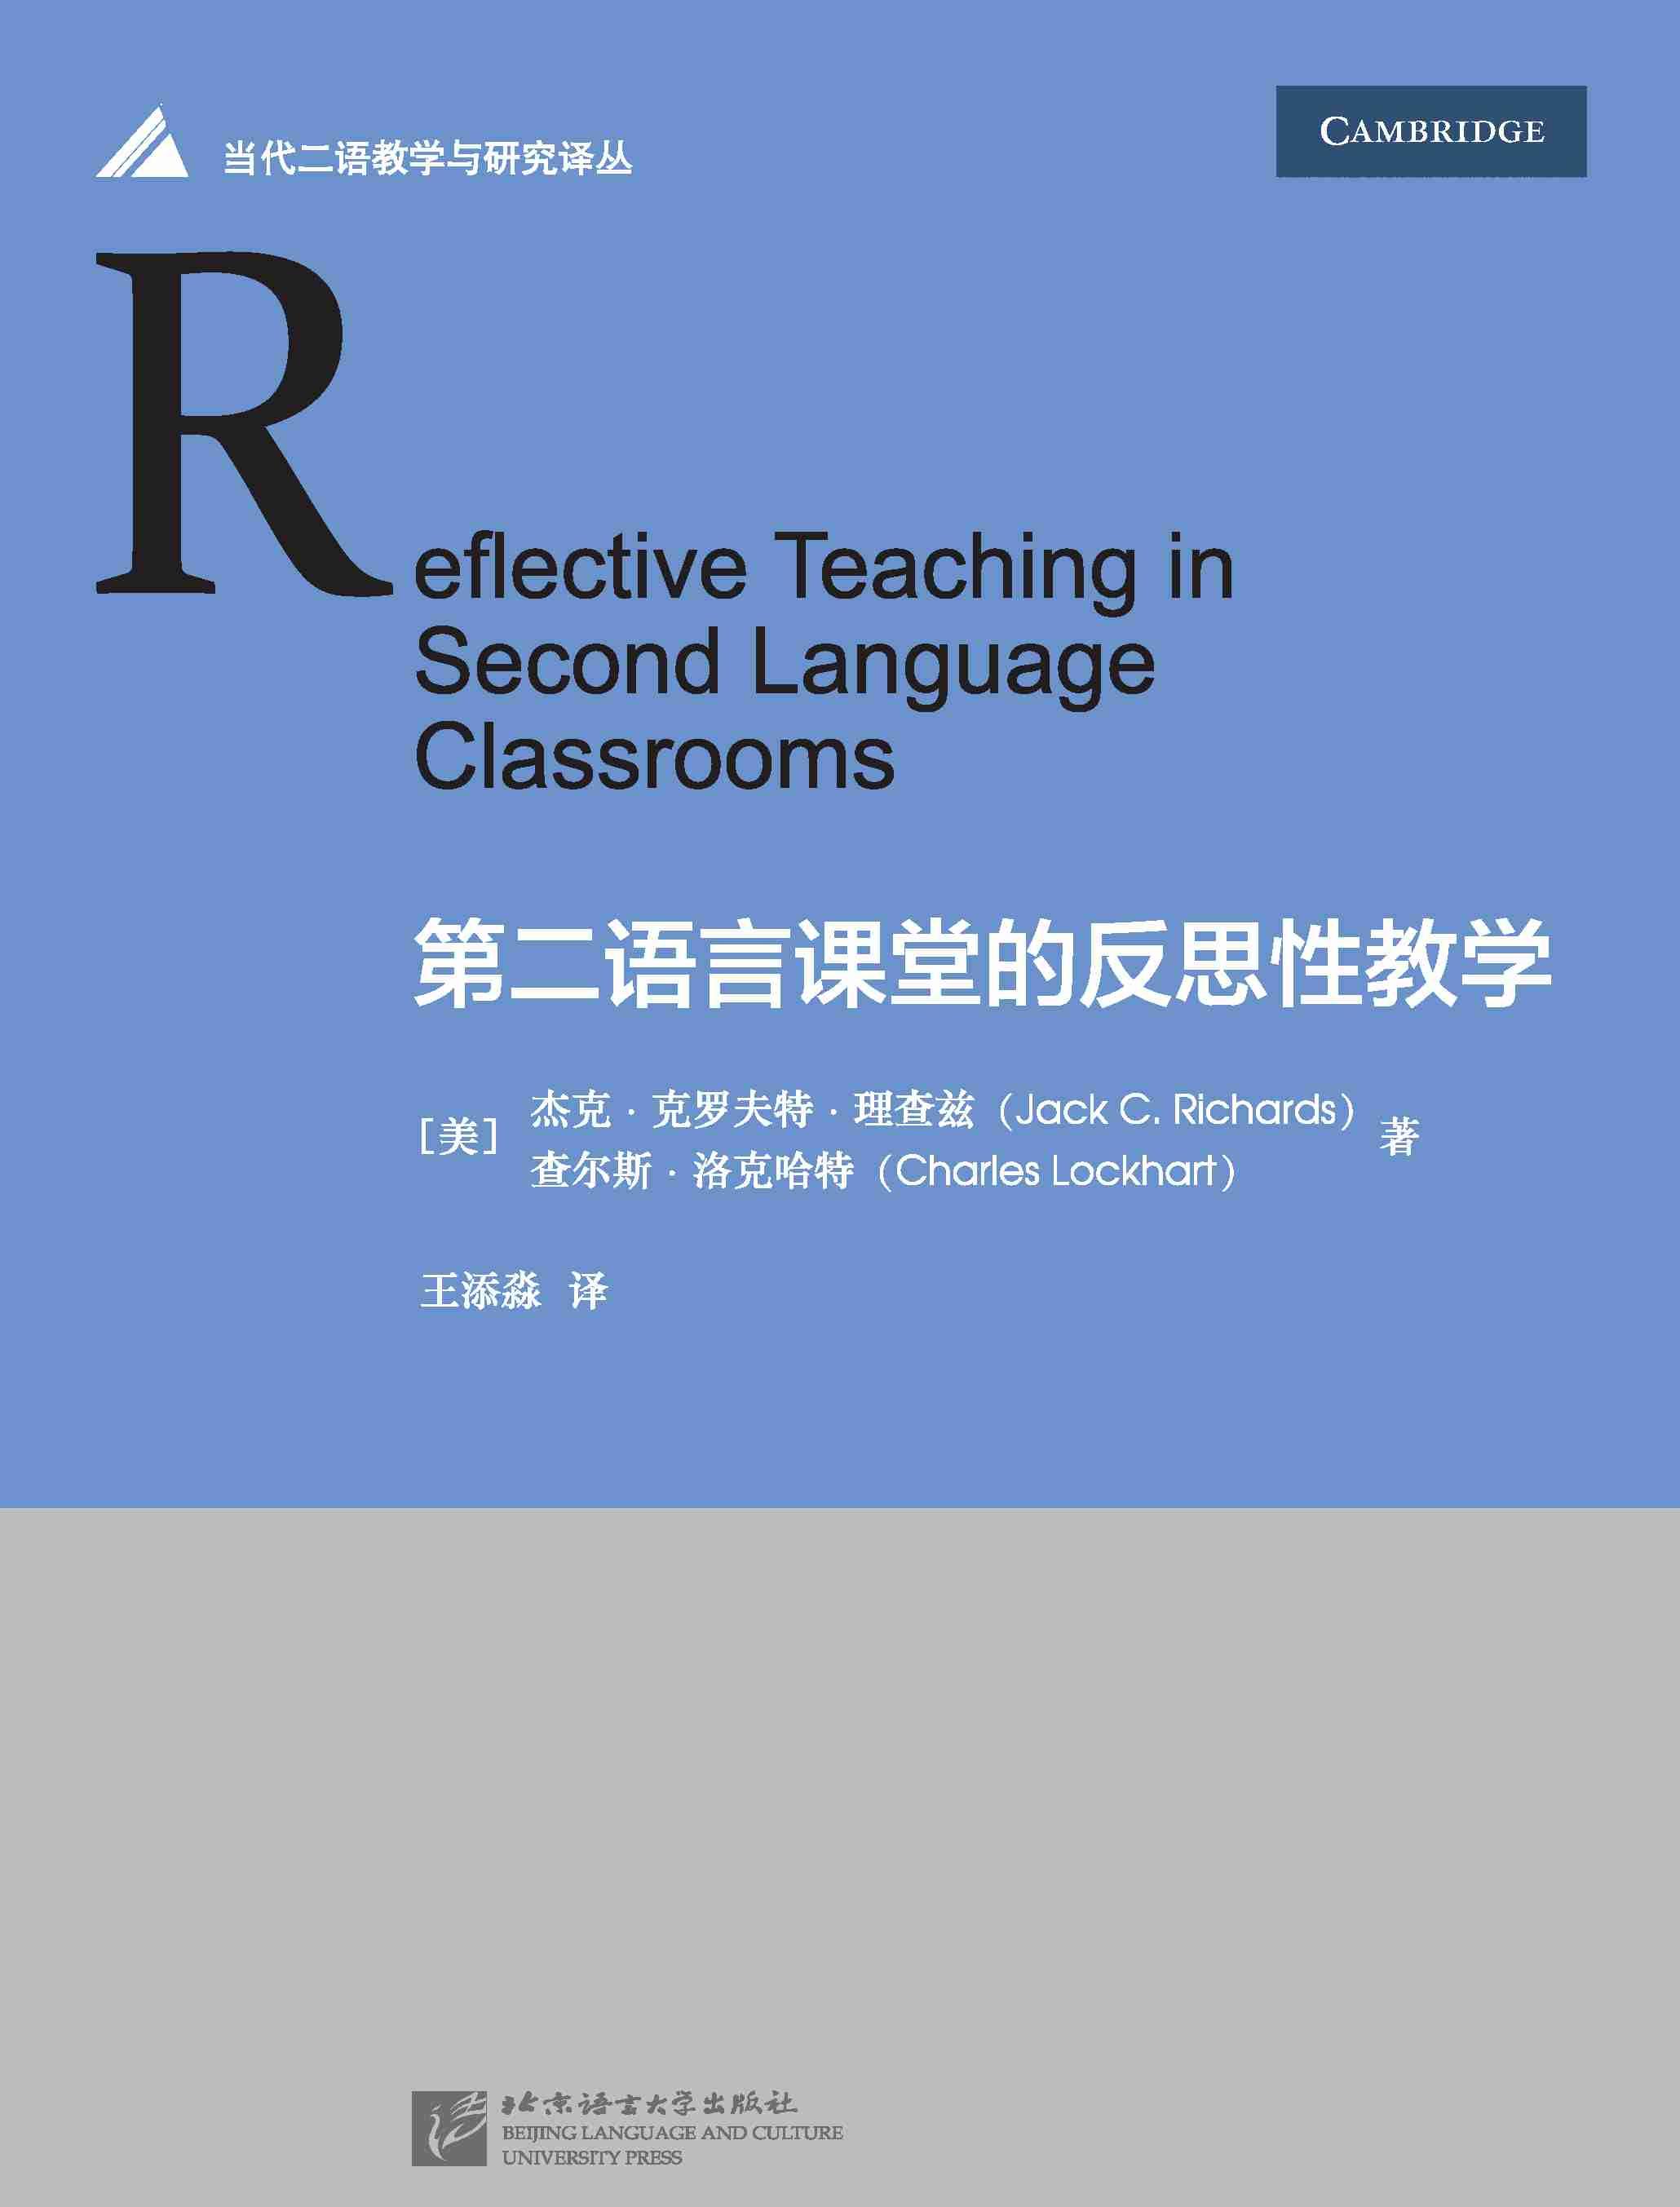 有效课堂教学反思_第二语言课堂的反思性教学